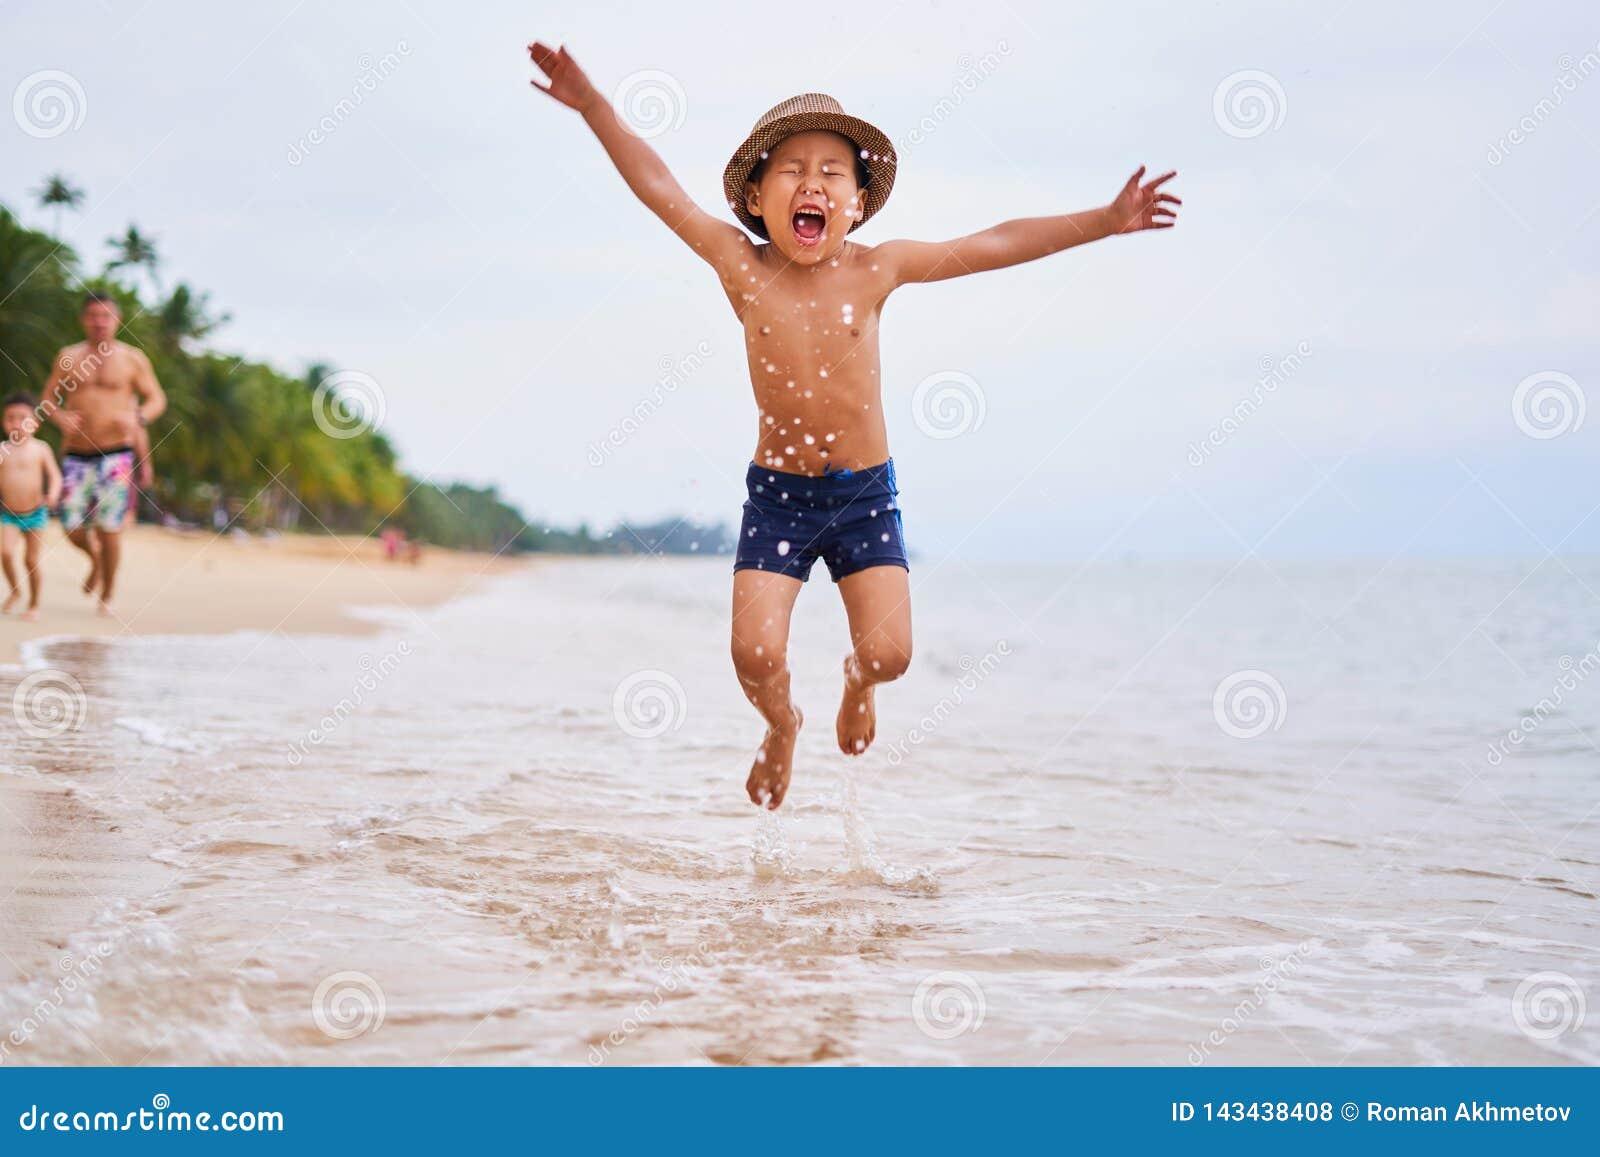 Ein Kind in einem Hut springt auf den Ozean - asiatischer Junge in einem Hut, unscharfer Hintergrund